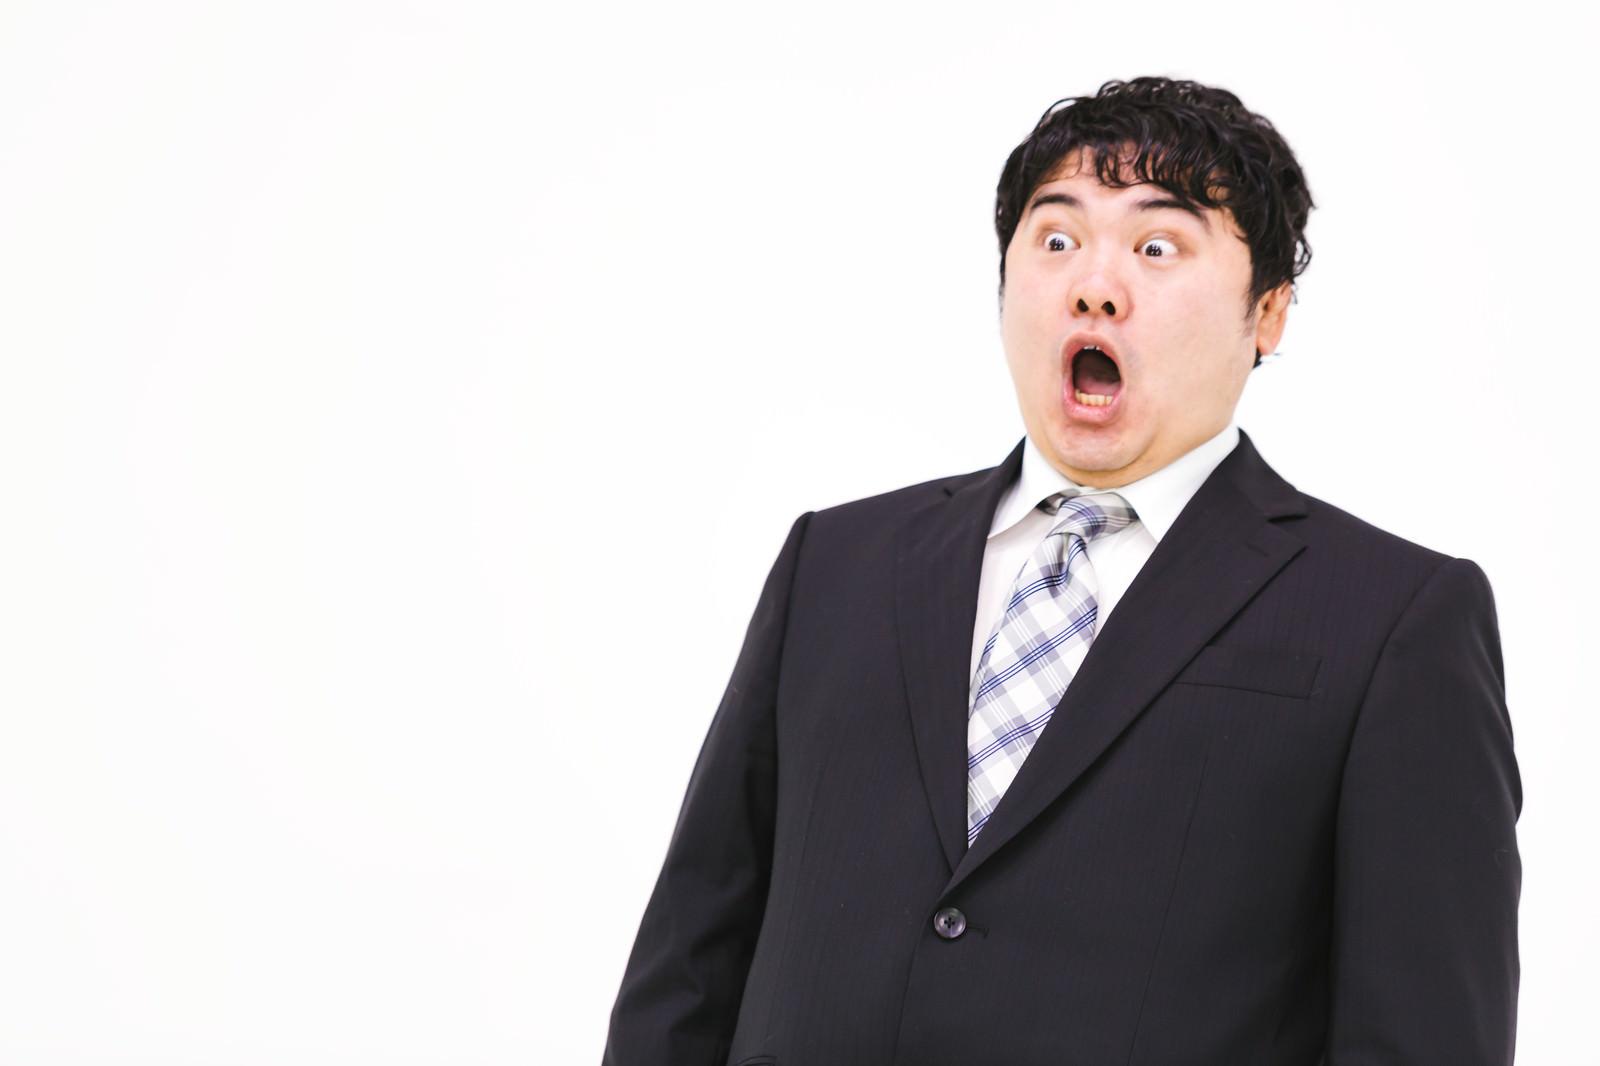 「驚きのあまり仰け反る営業マン驚きのあまり仰け反る営業マン」[モデル:段田隼人]のフリー写真素材を拡大